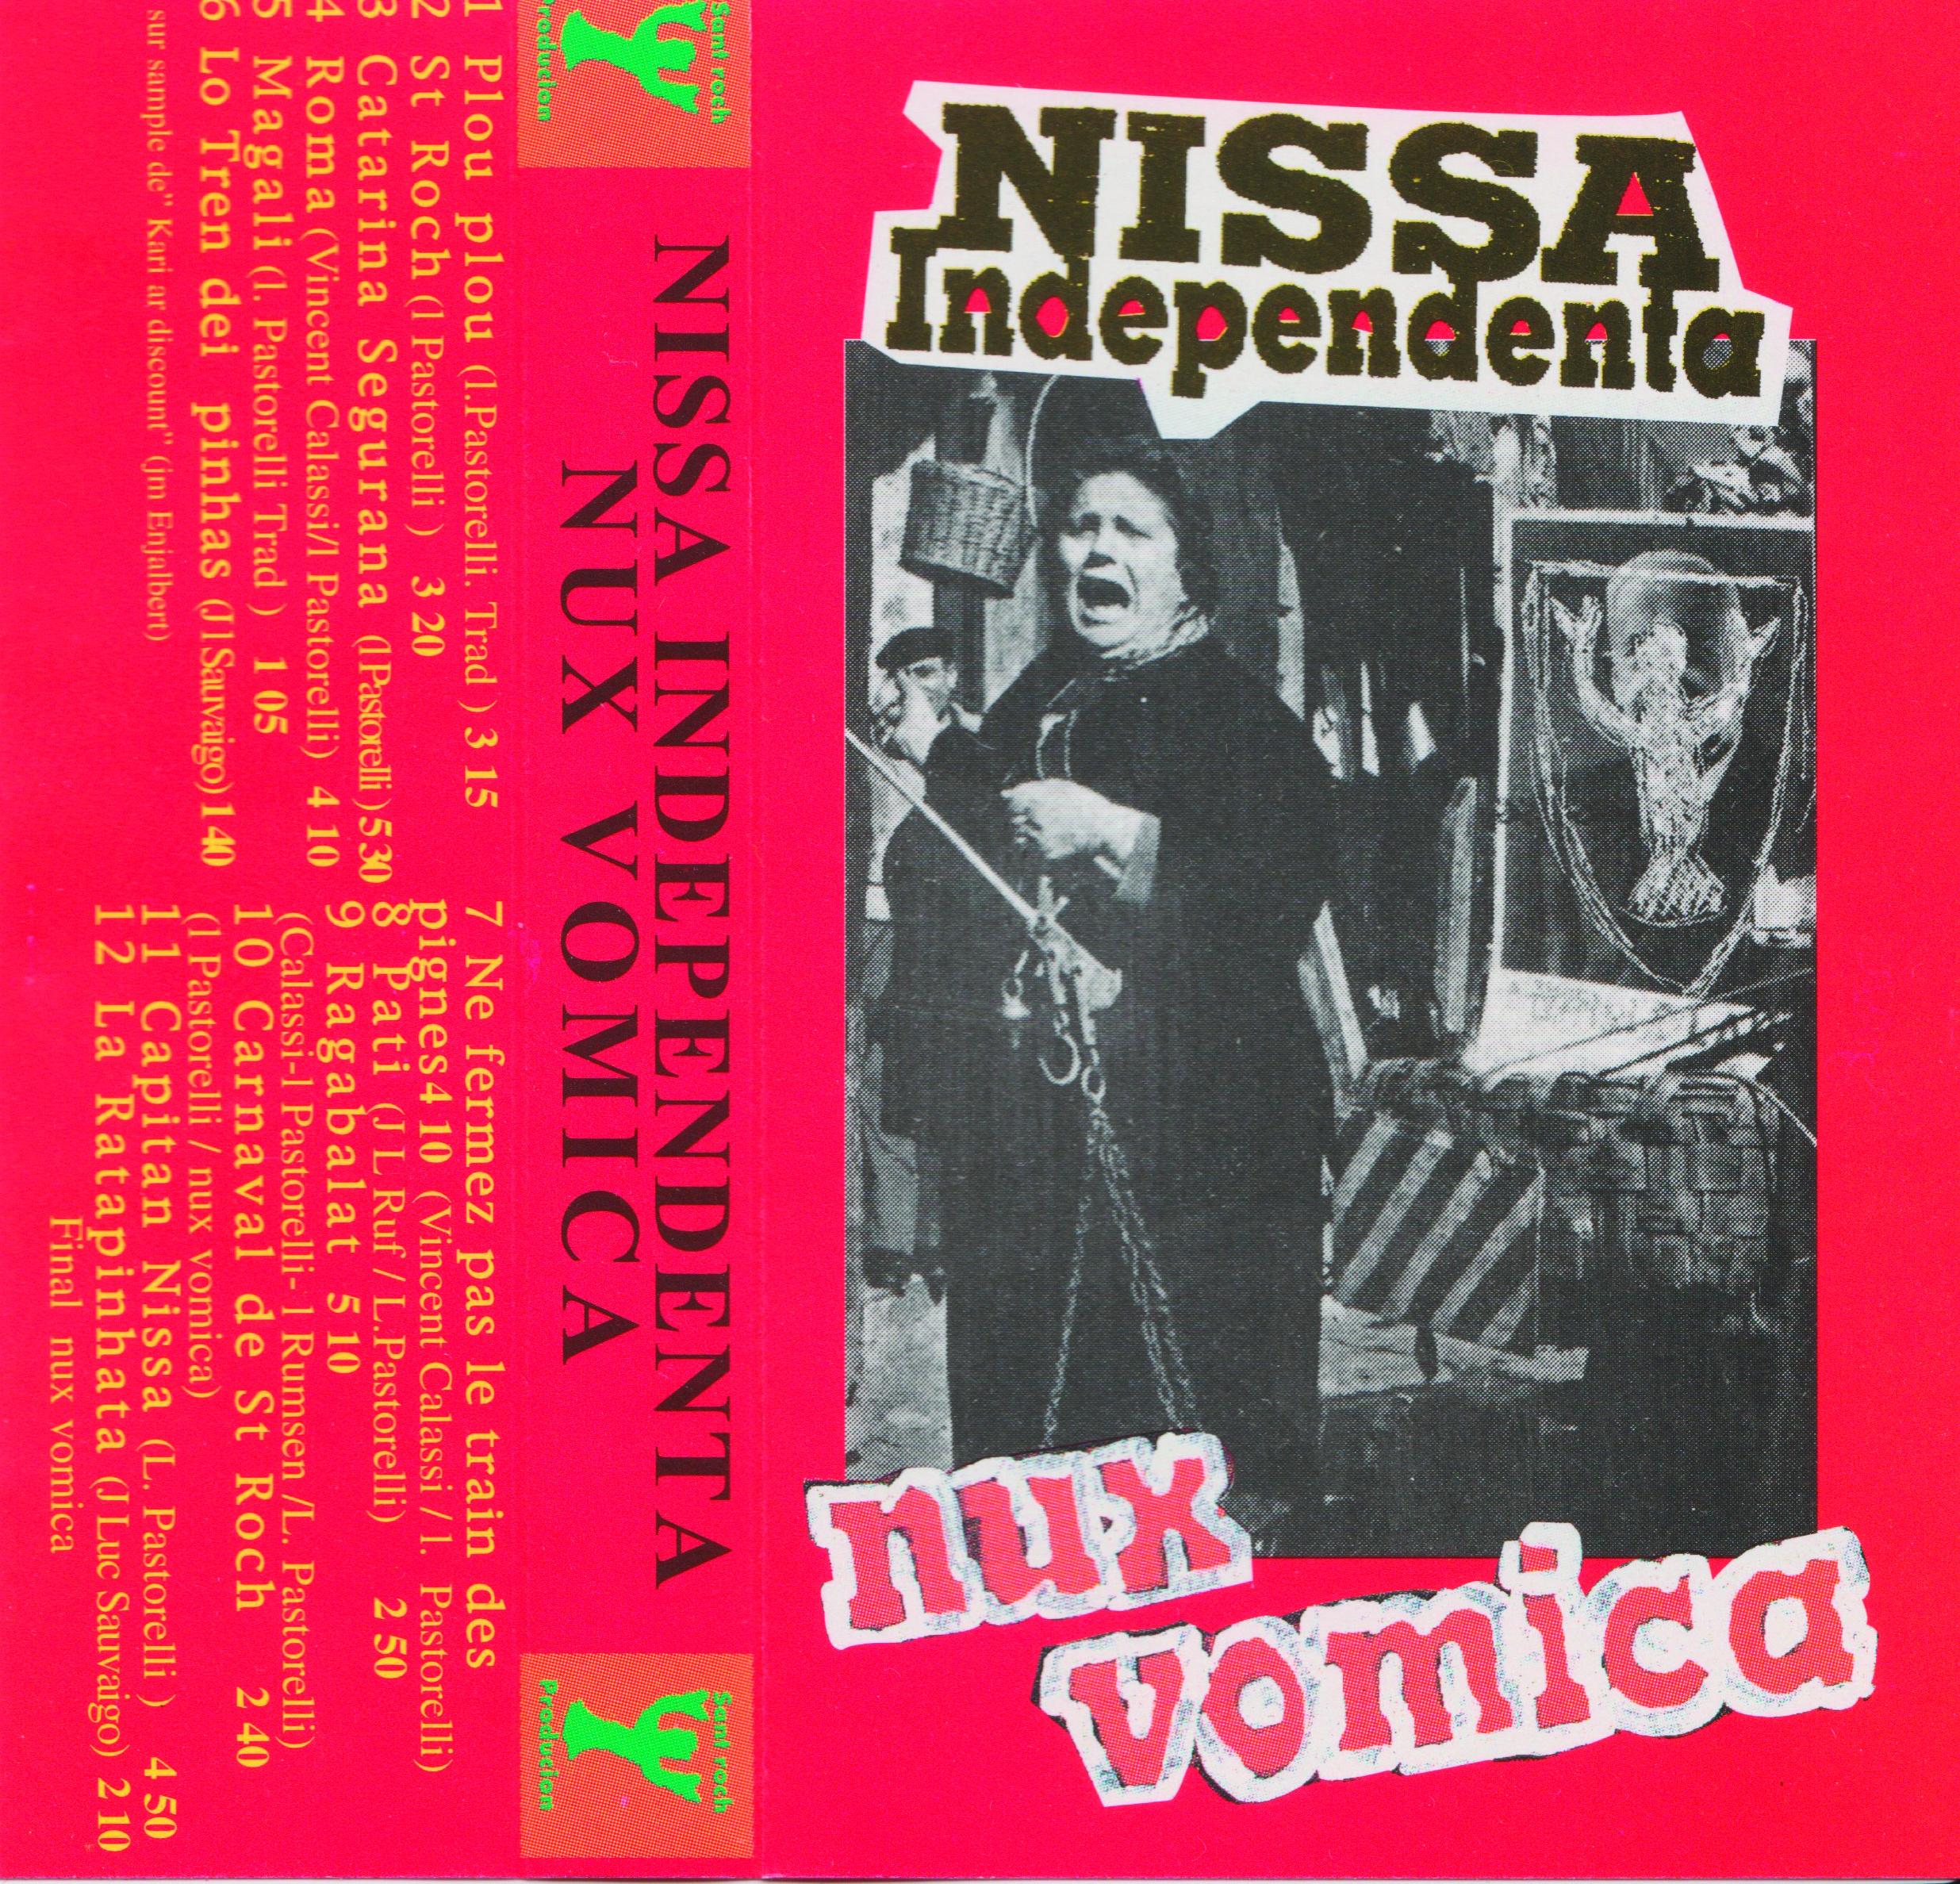 nissa independenta k7 1